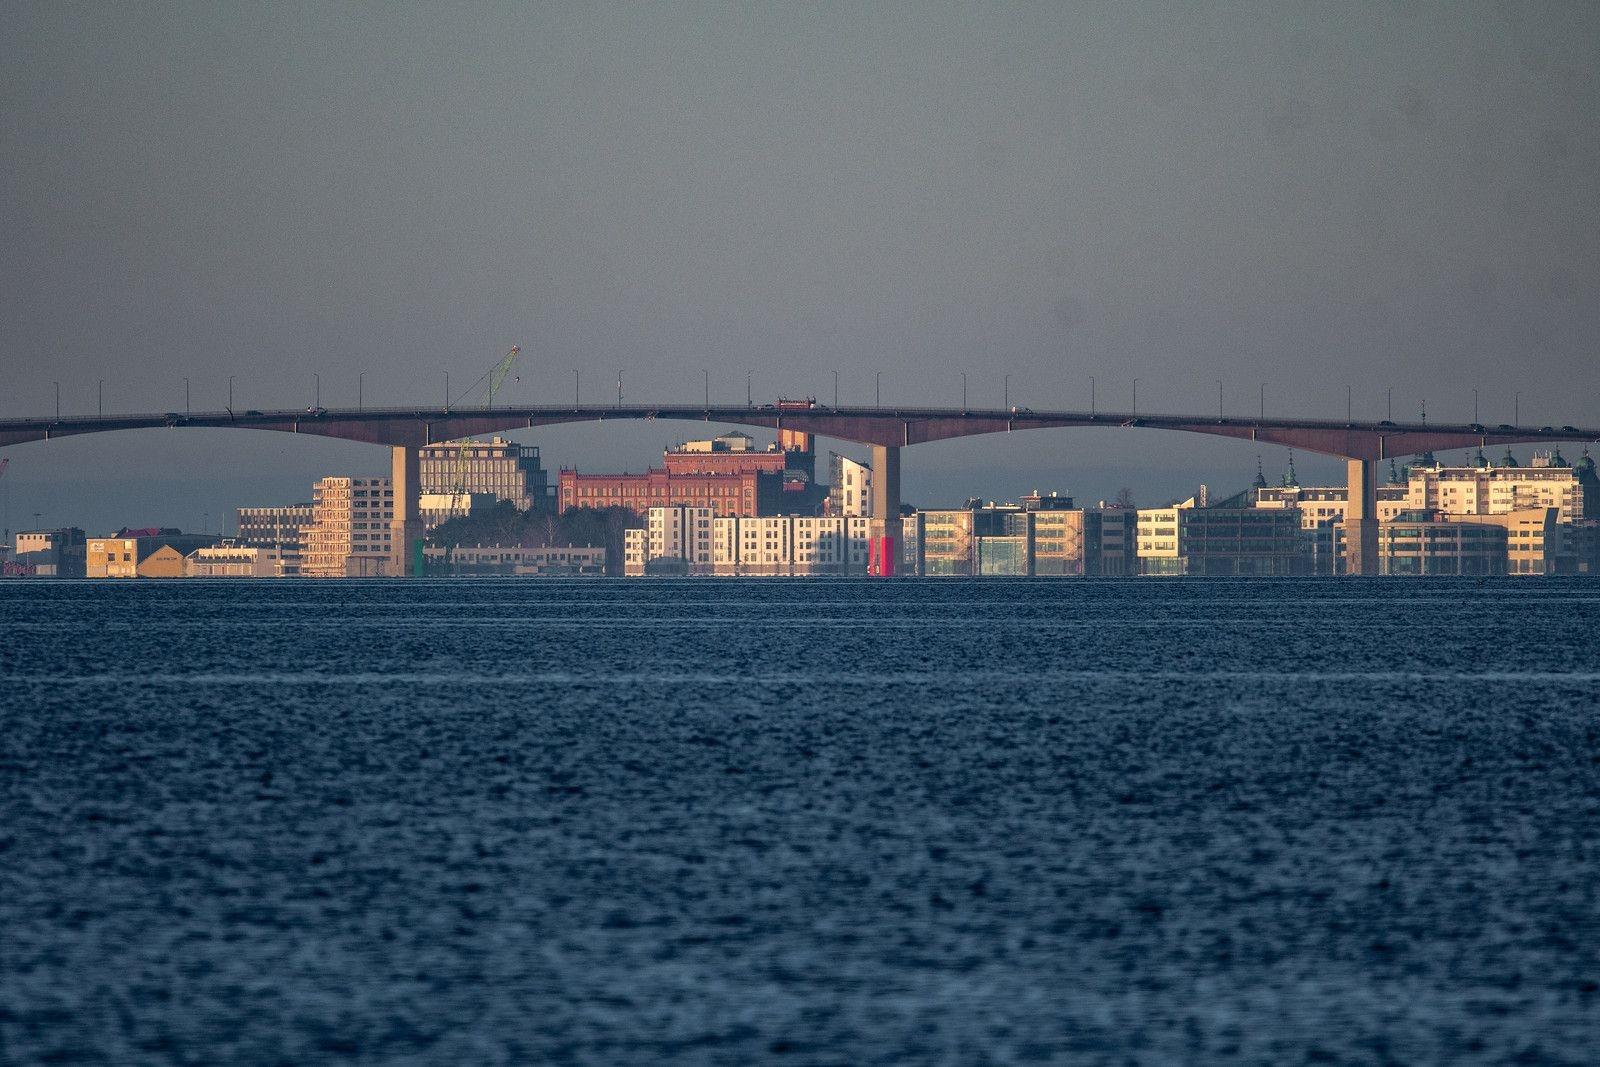 En vy mot Kalmar/Varvsholmen. Kalmars siluett är ju i ständig förändring just nu... Tagen i våras vid Stora Rörs utkiksplats för fågelskådare. Frågan är hu Kalmar resonerar med att bygga hus i strandlinjen...?